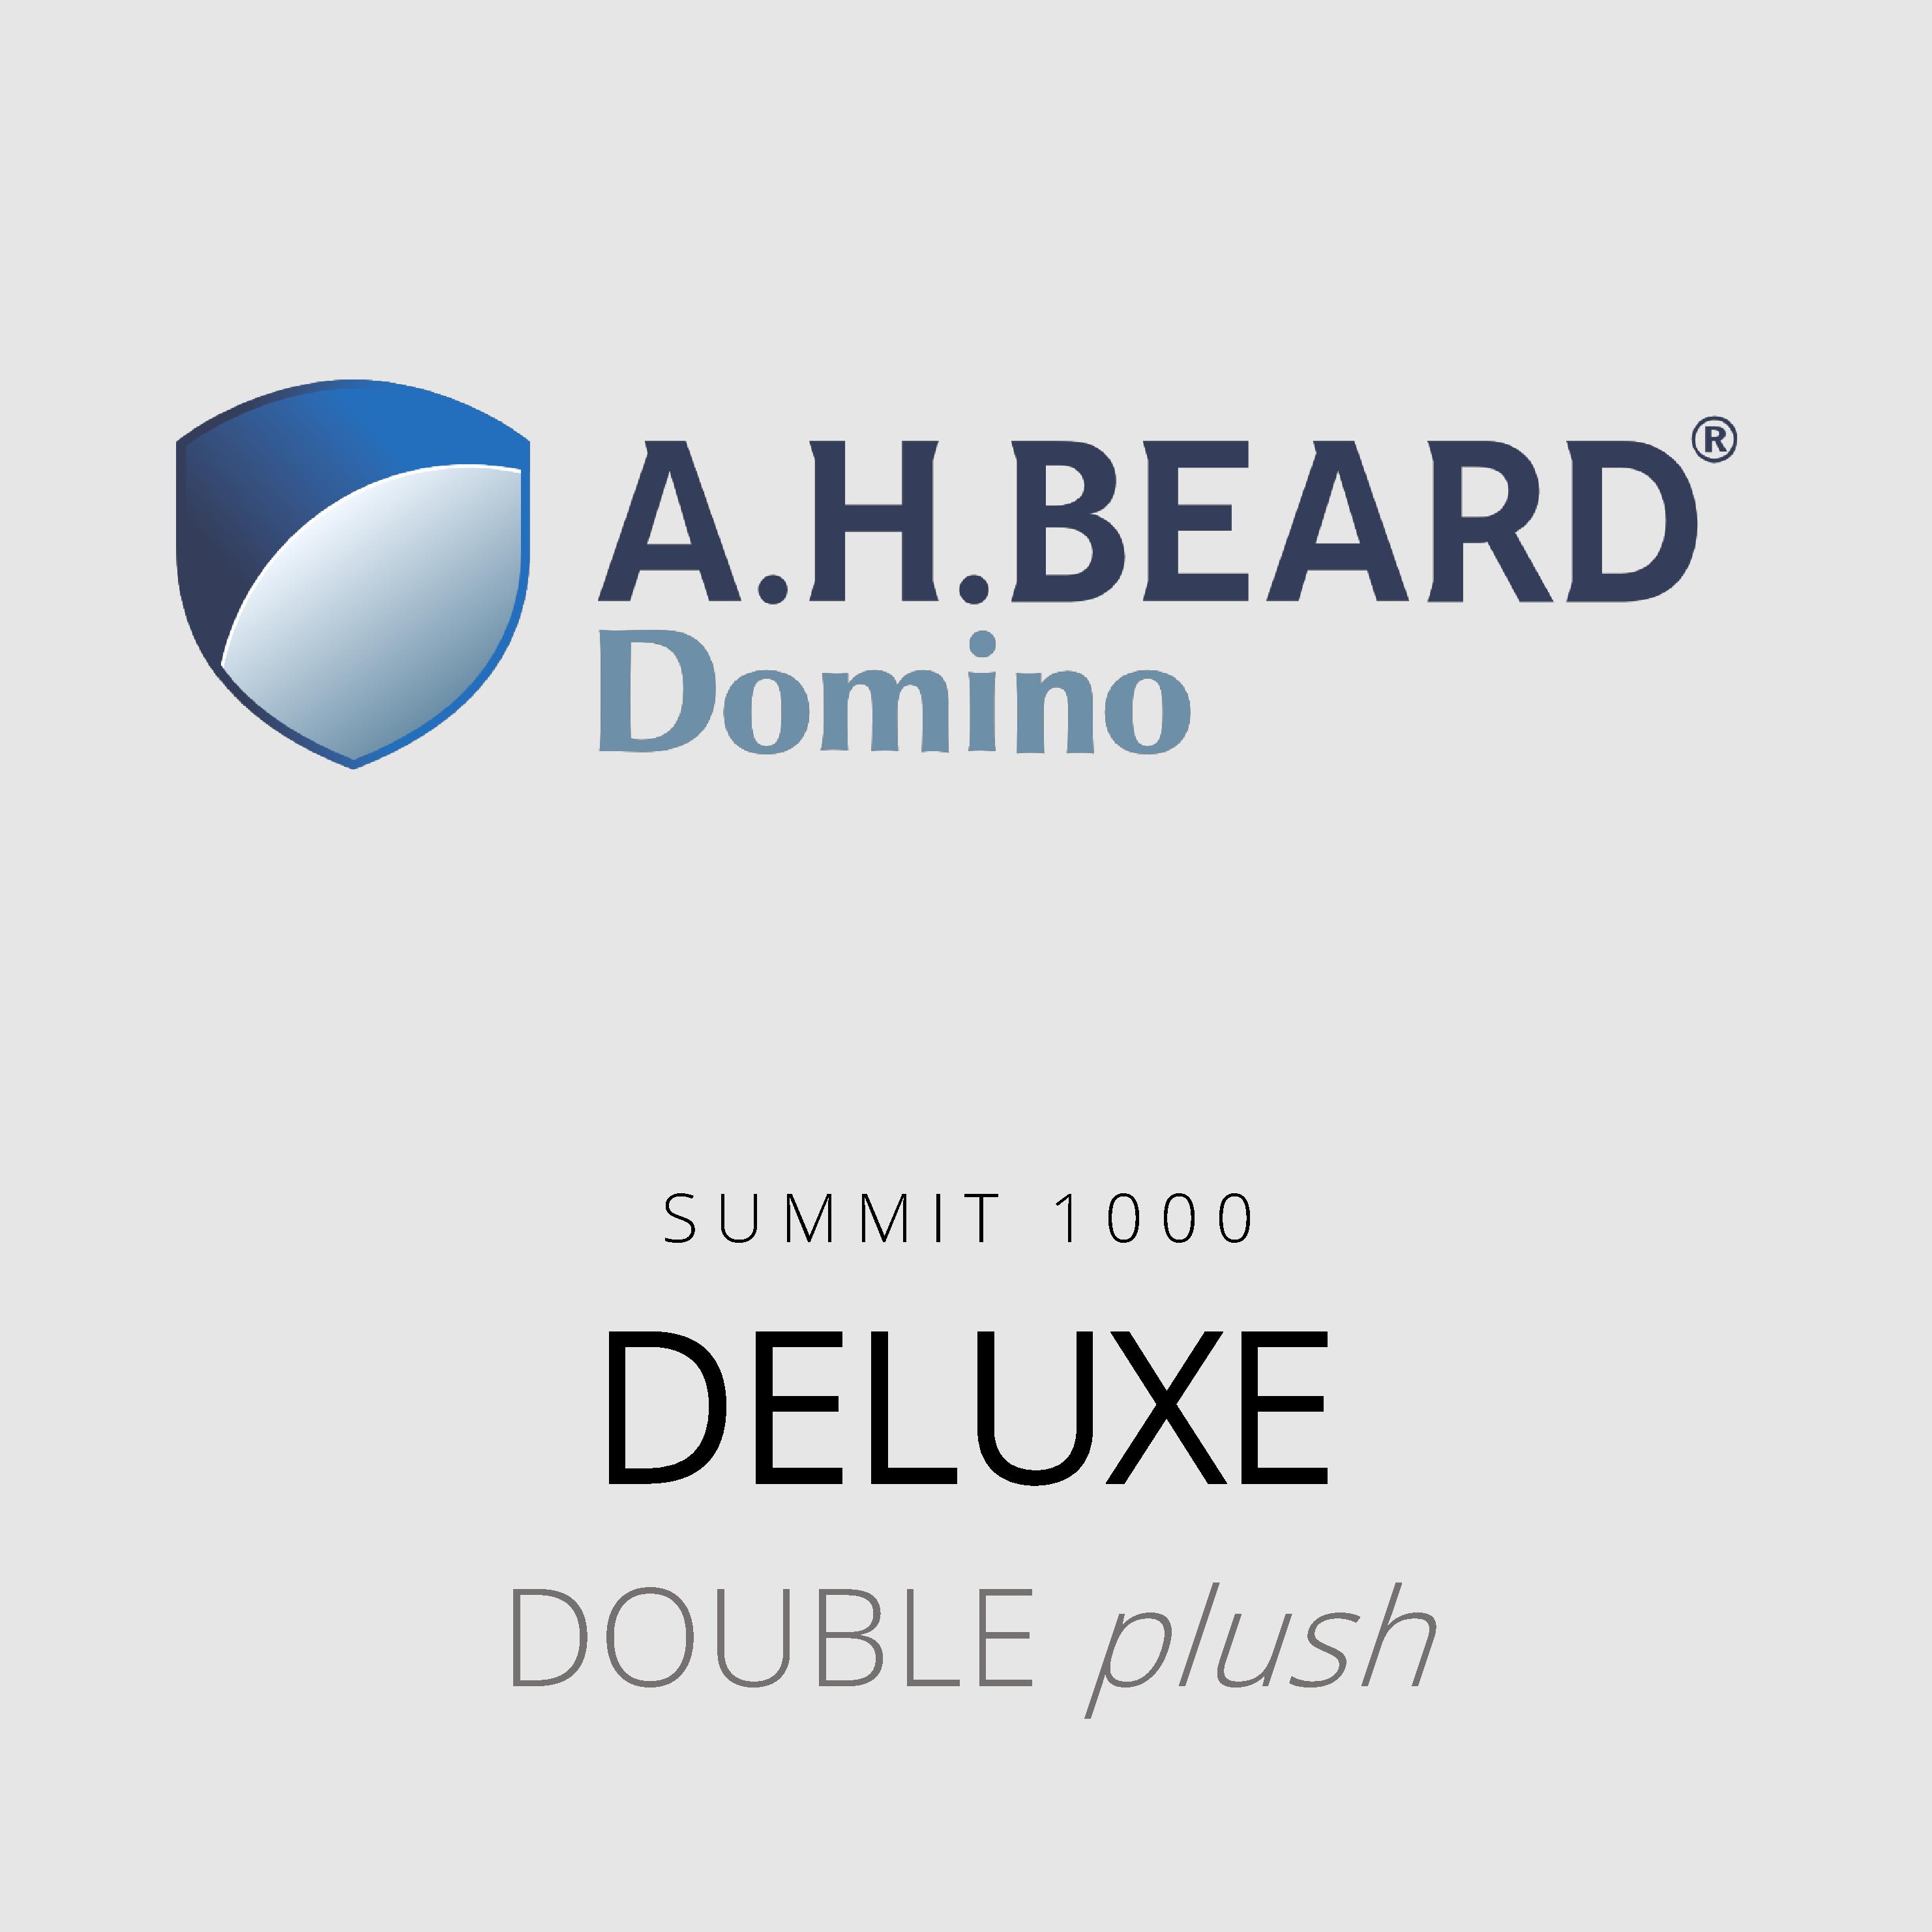 AH Beard Domino – Deluxe – Summit 1000 – Double Plush Mattress